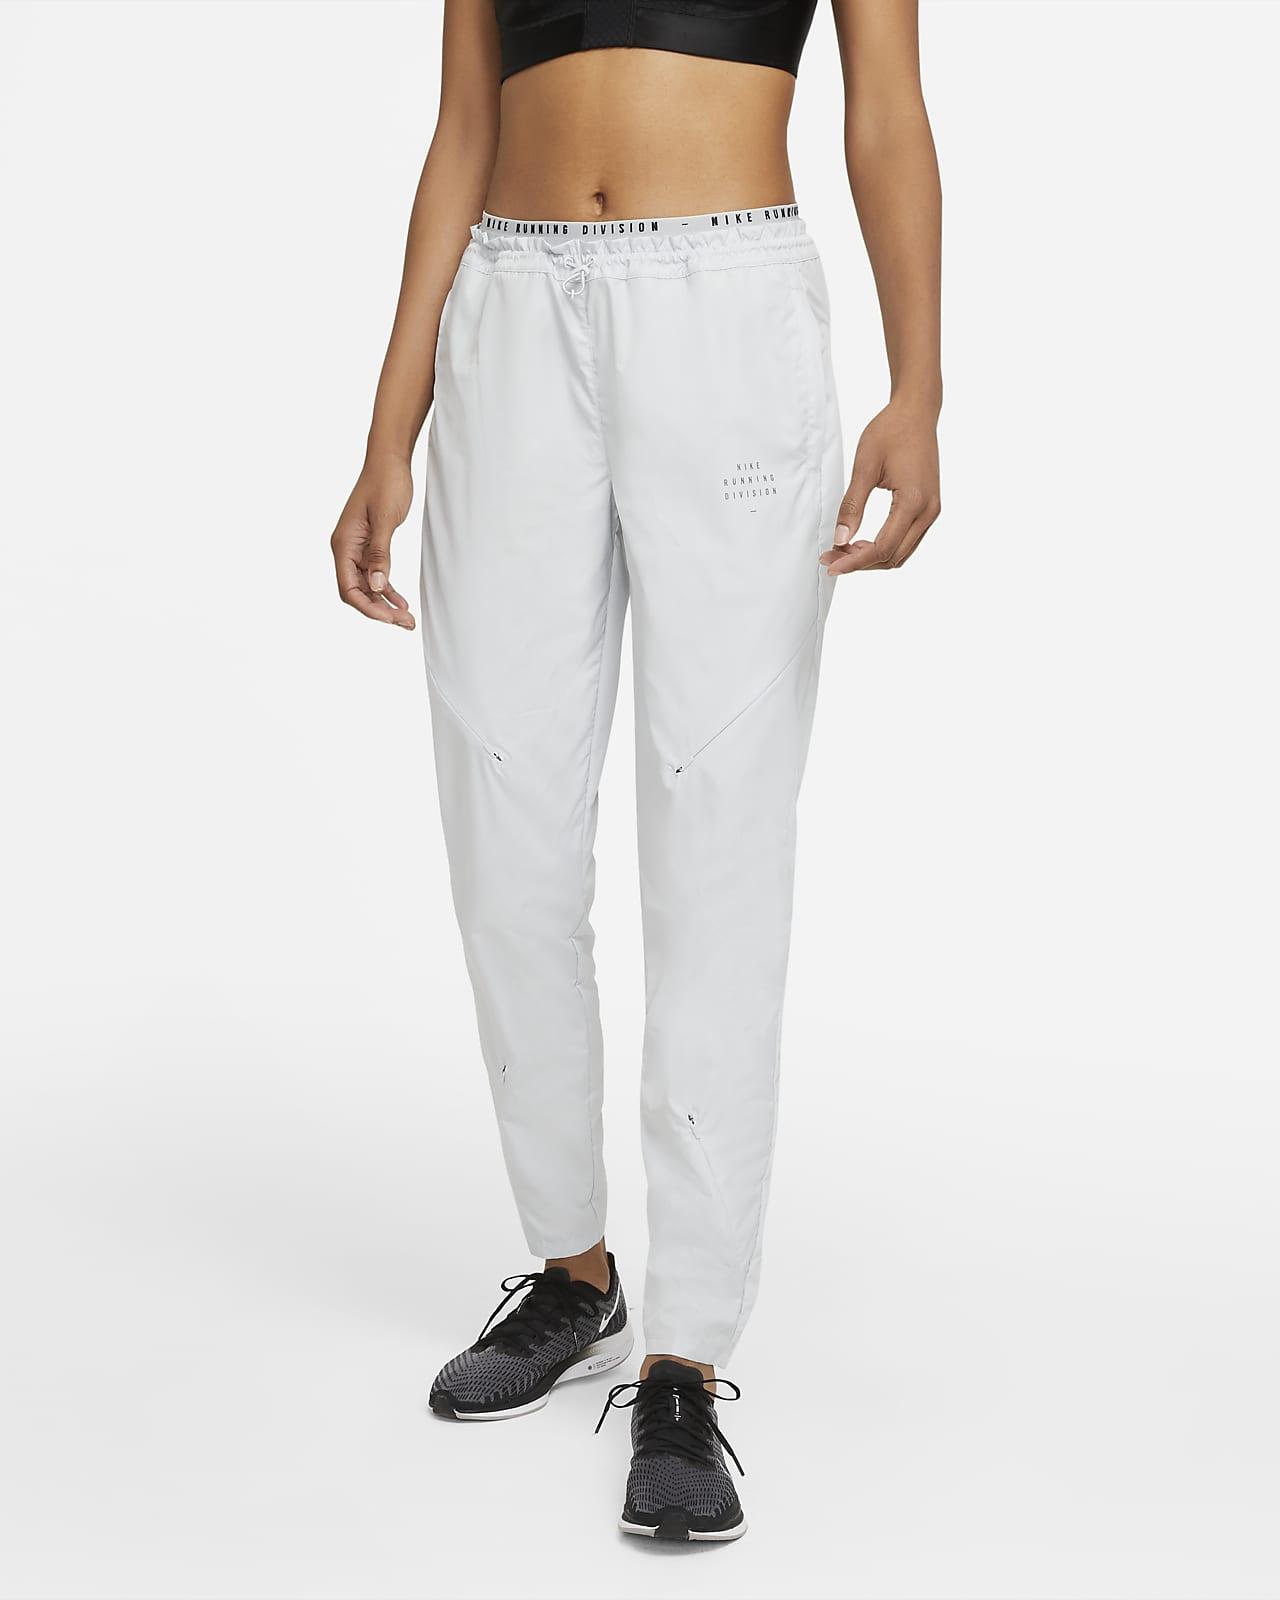 Pantalones de running Dynamic Vent para mujer Nike Run Division